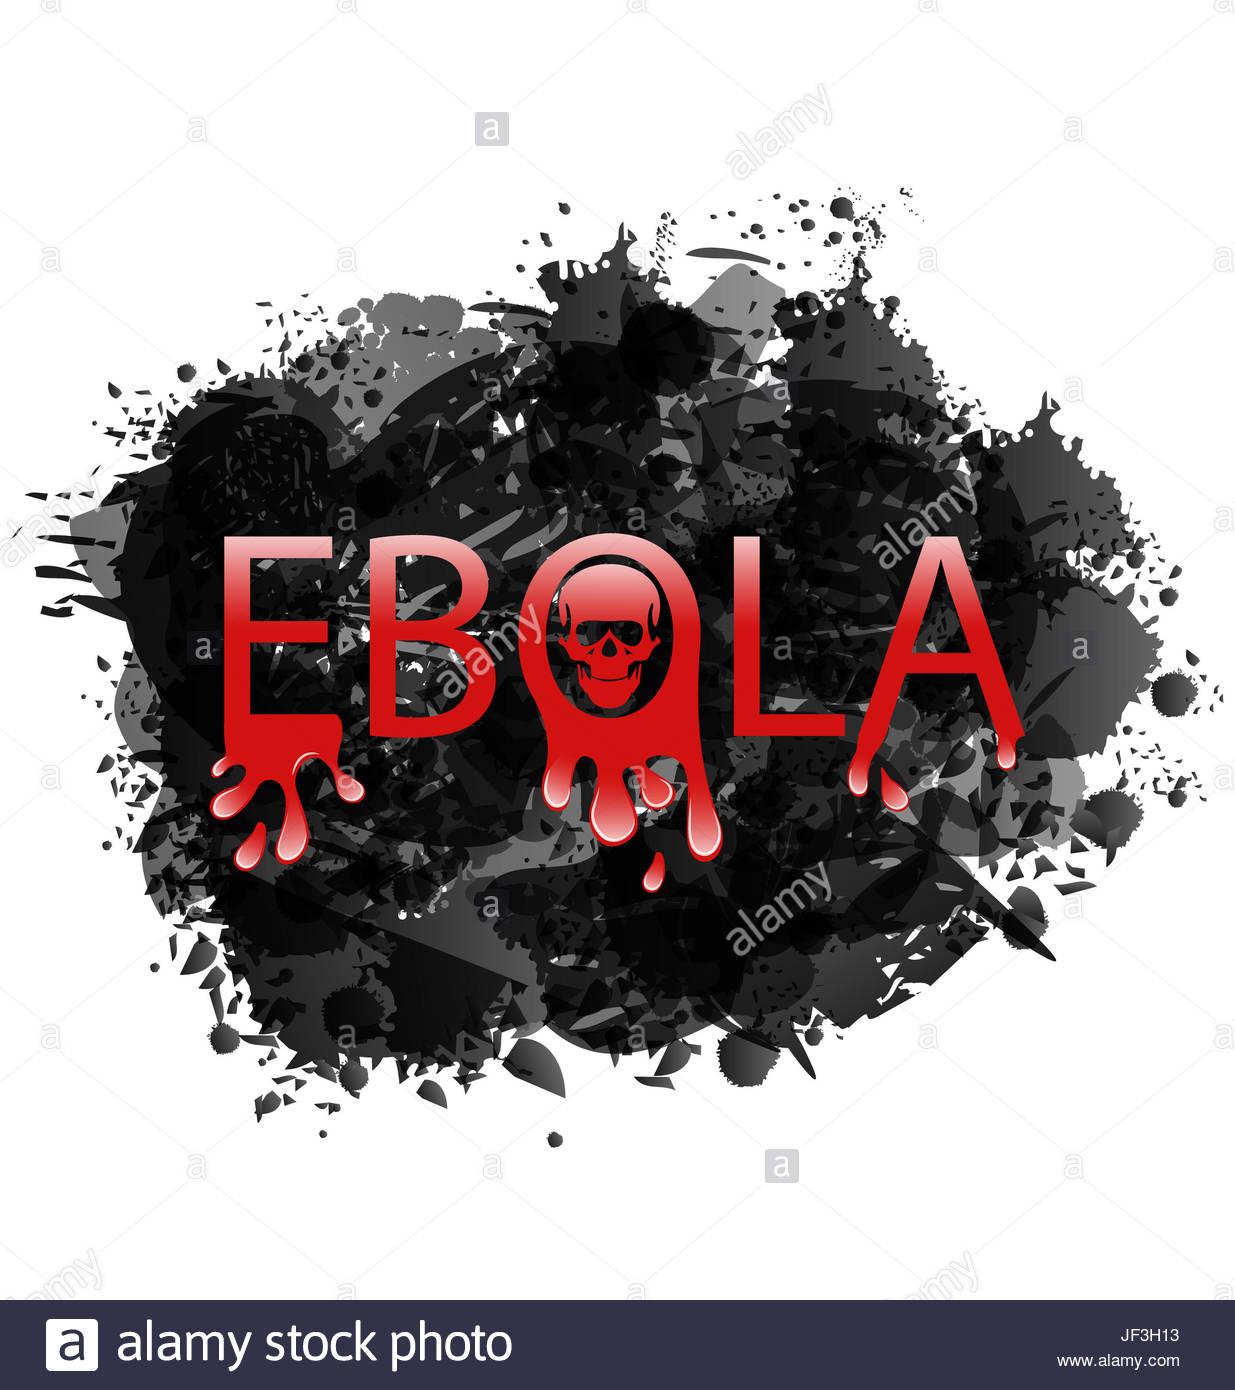 Illustration warning epidemic Ebola virus grunge background Stock 1235x1390